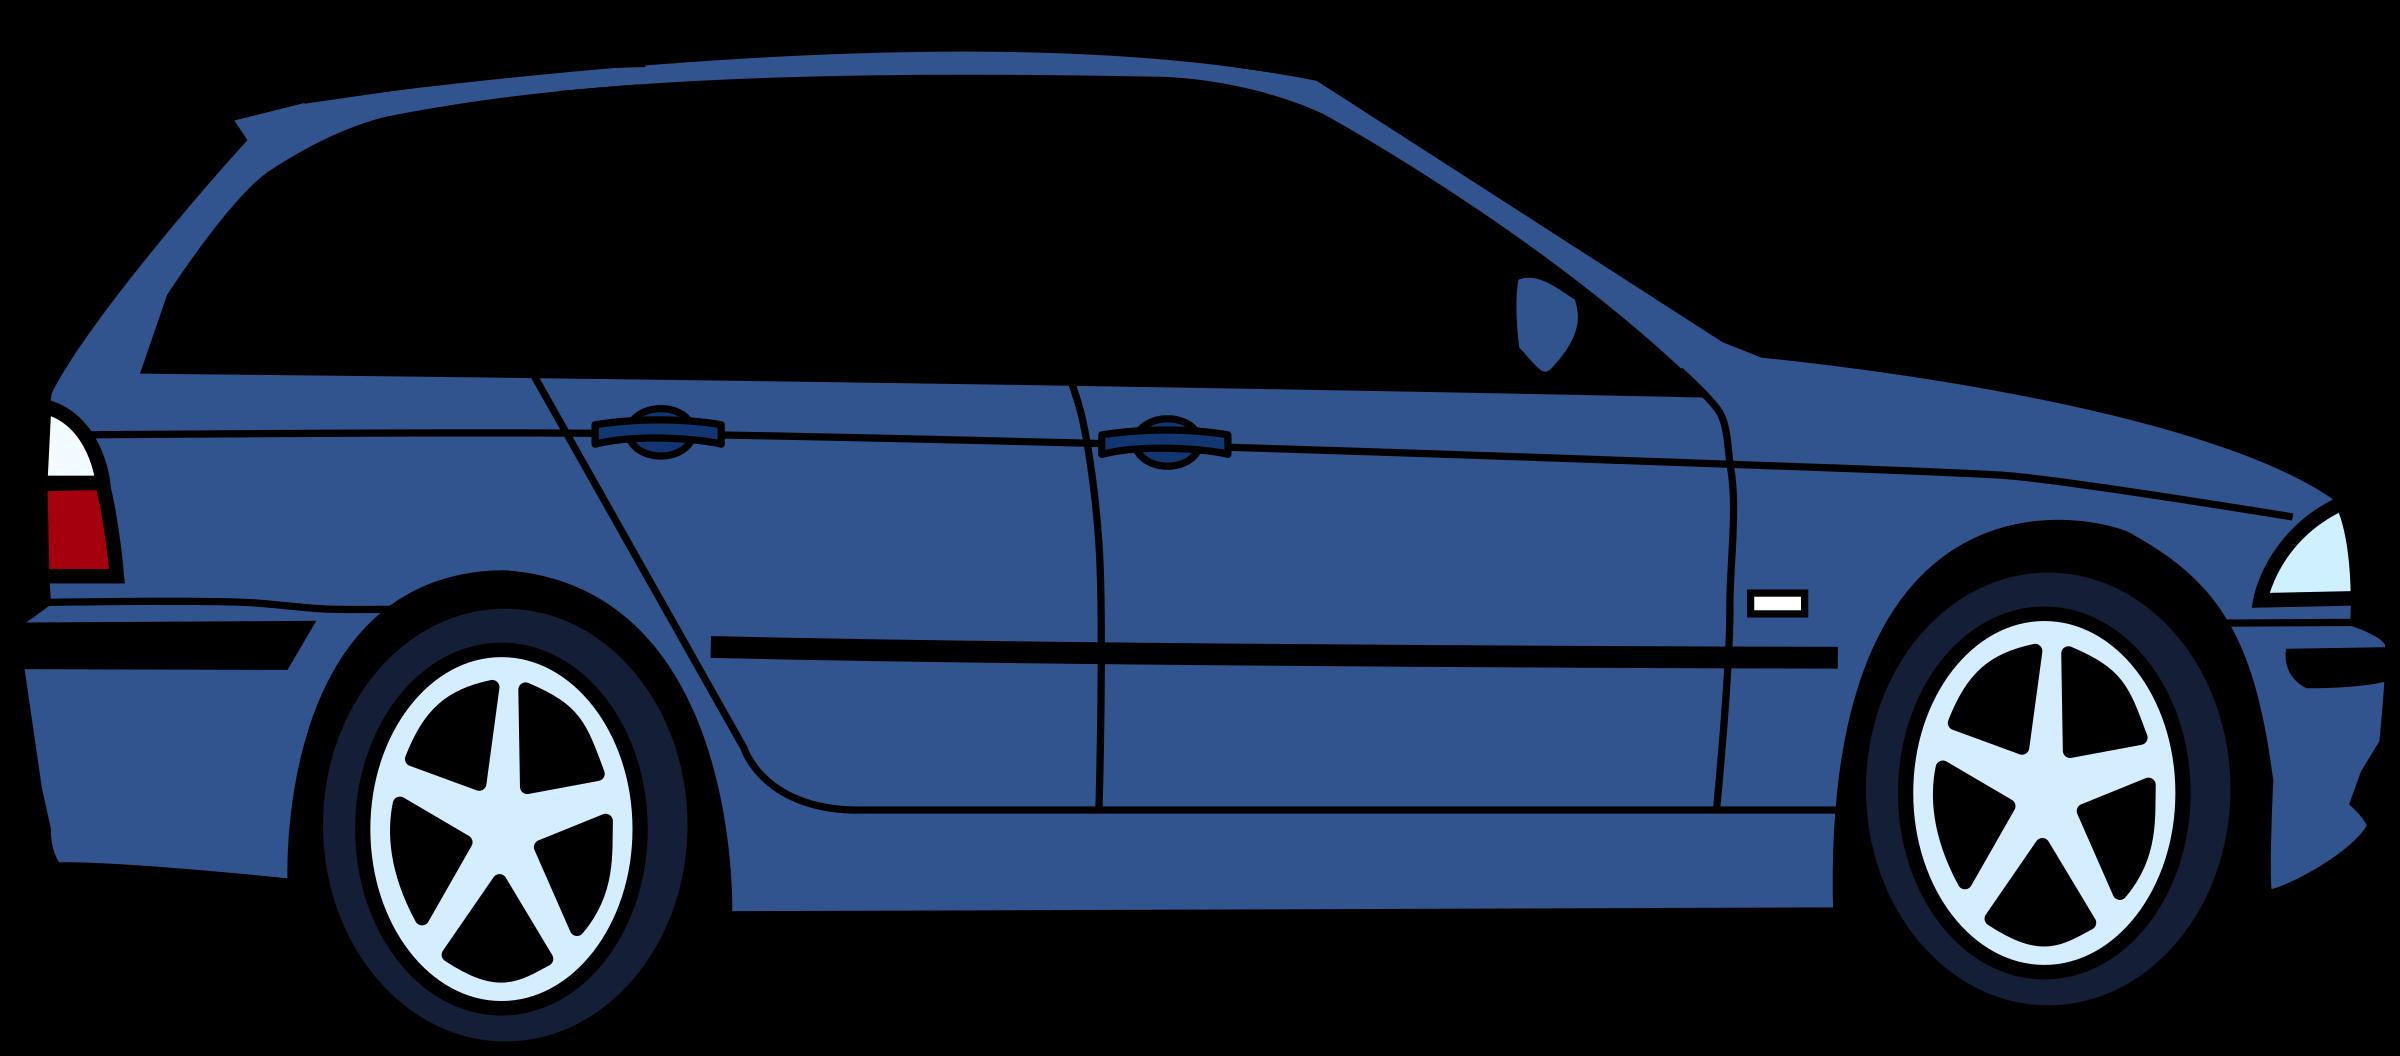 Car animation clipart.